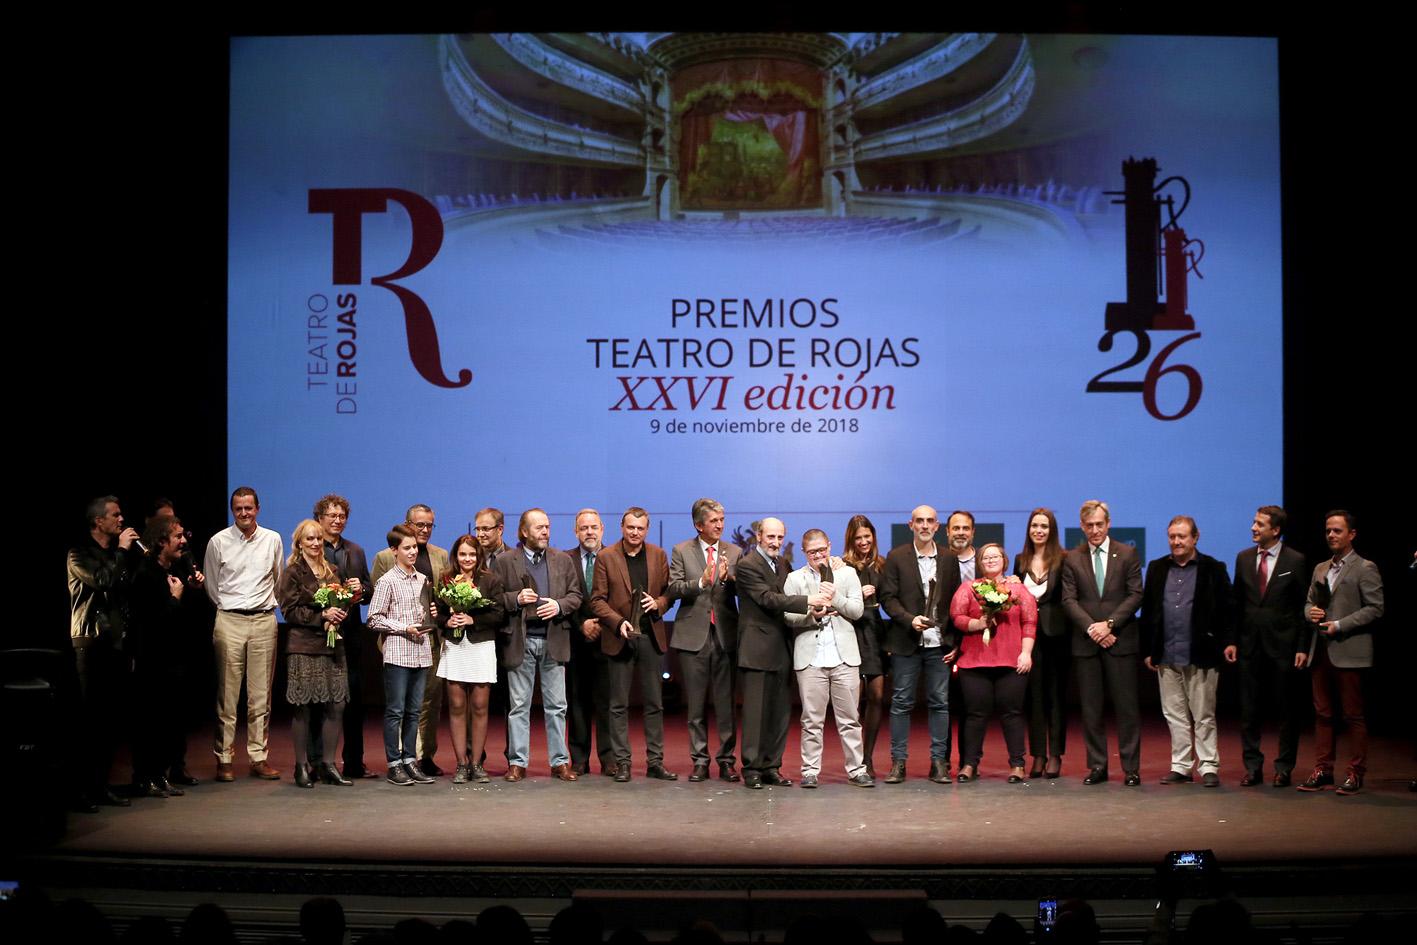 Todos los premiados, los patrocinadores y las autoridades.